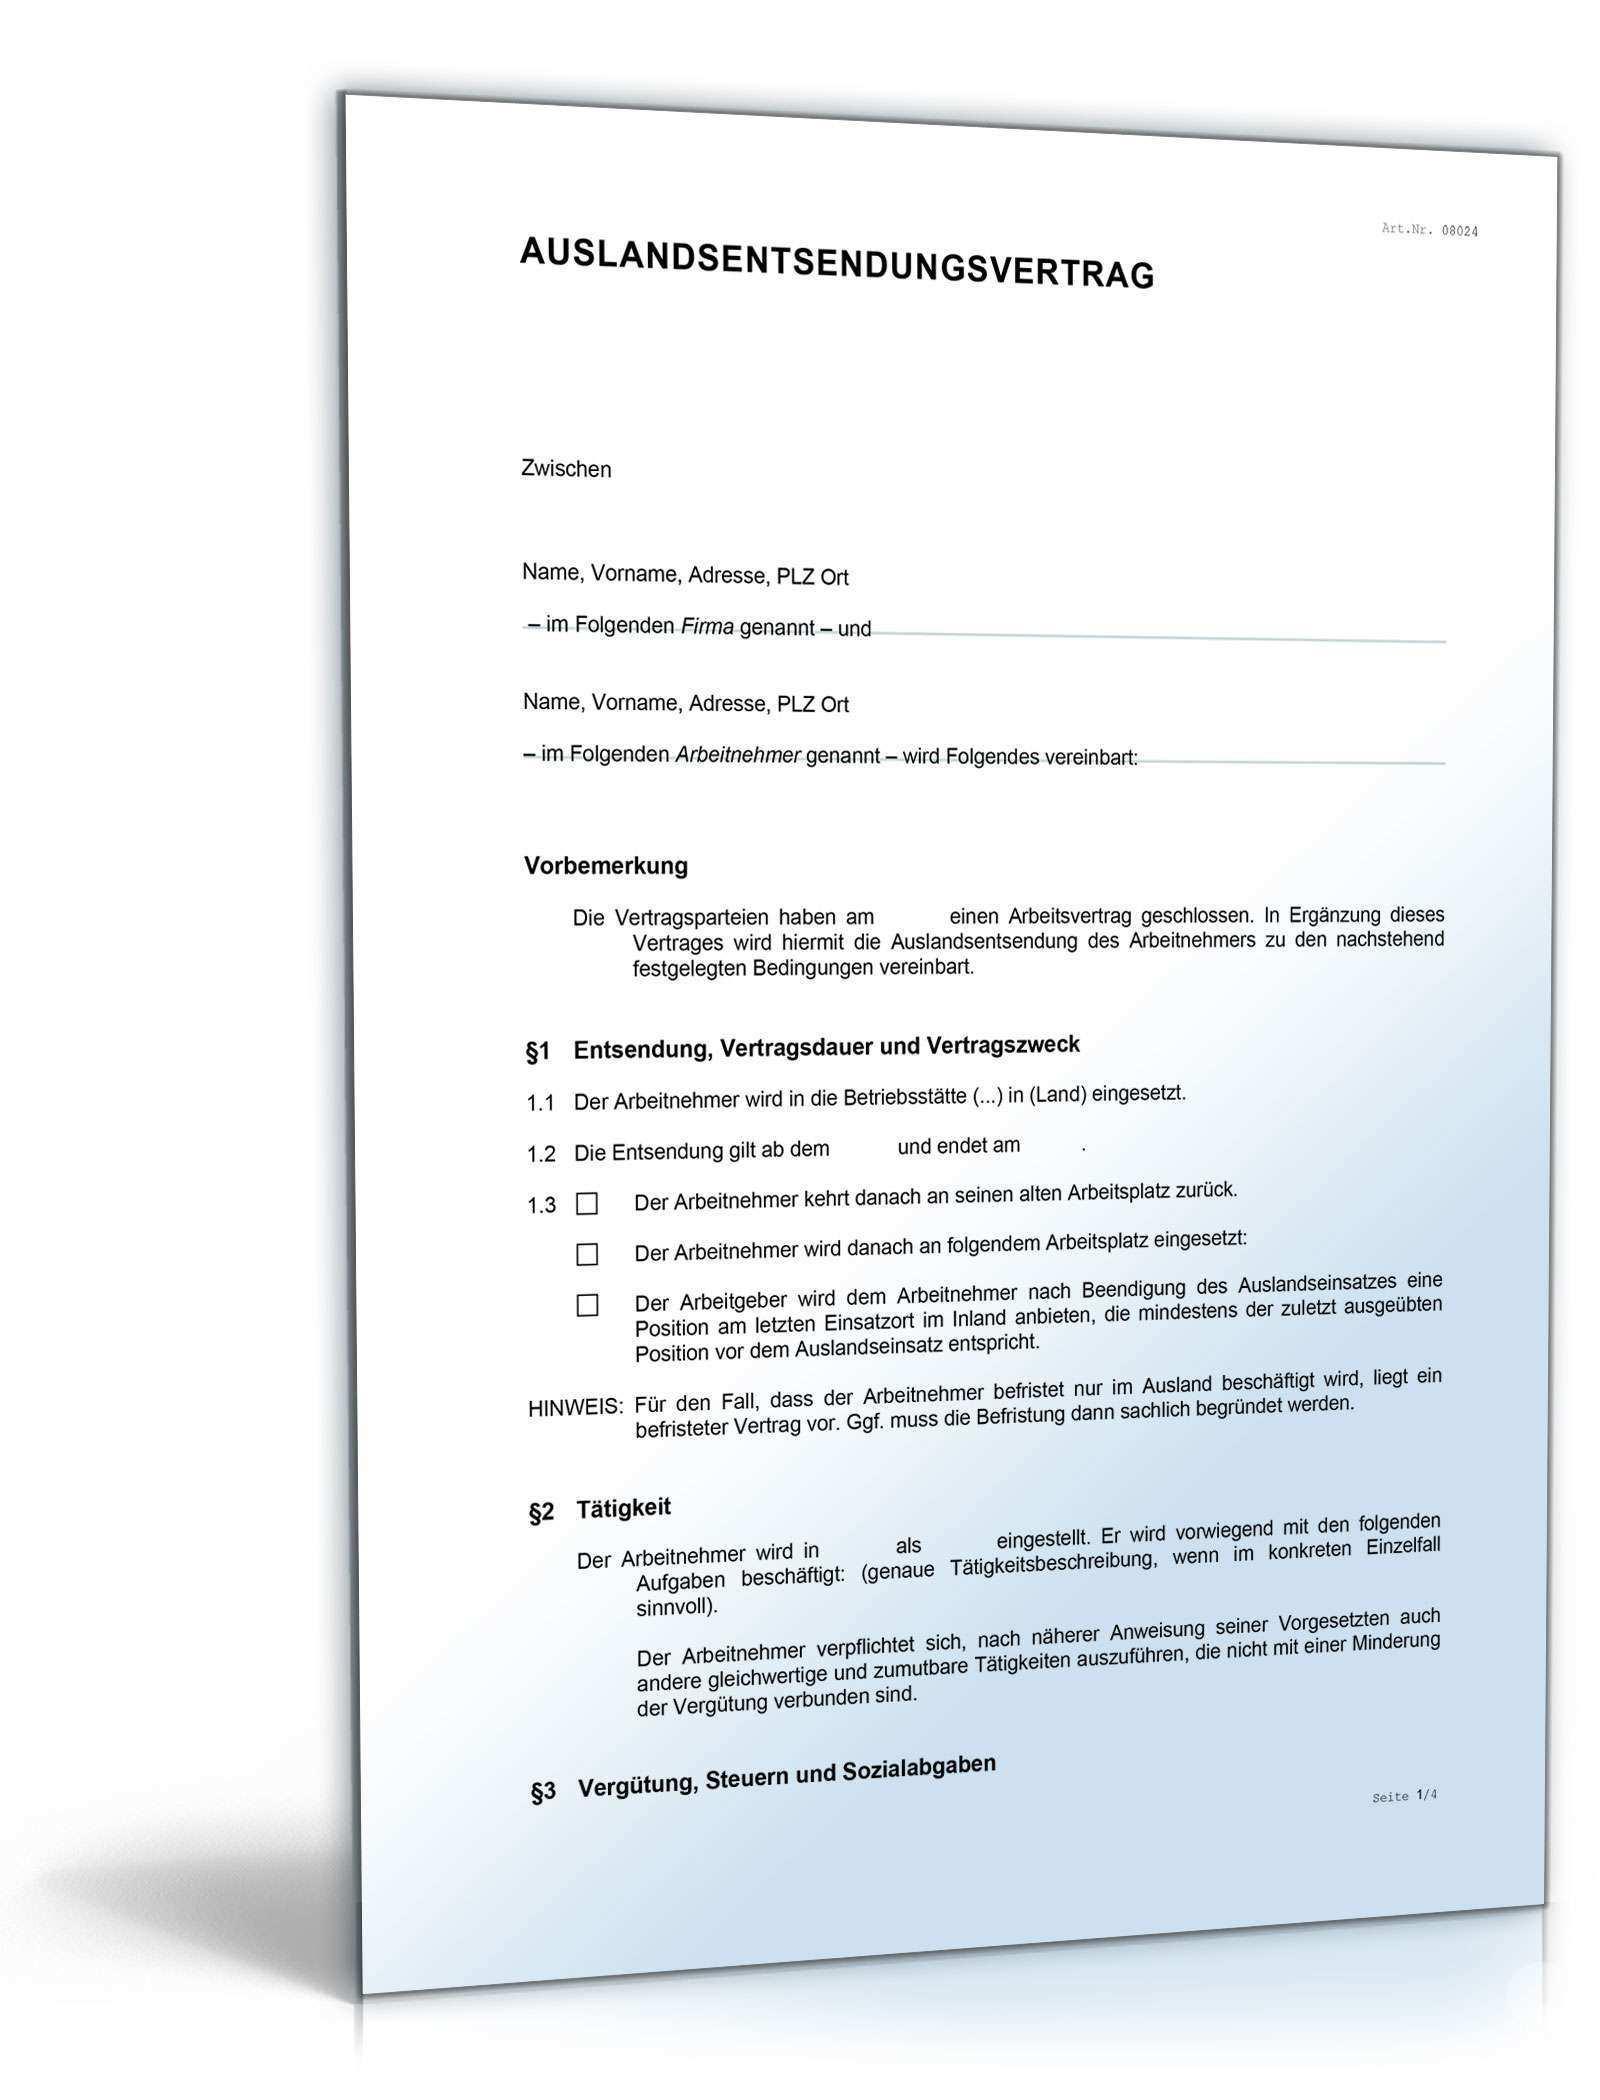 Arbeitsvertrag Zusatzvereinbarung Auslandsentsendung Muster Zum Download